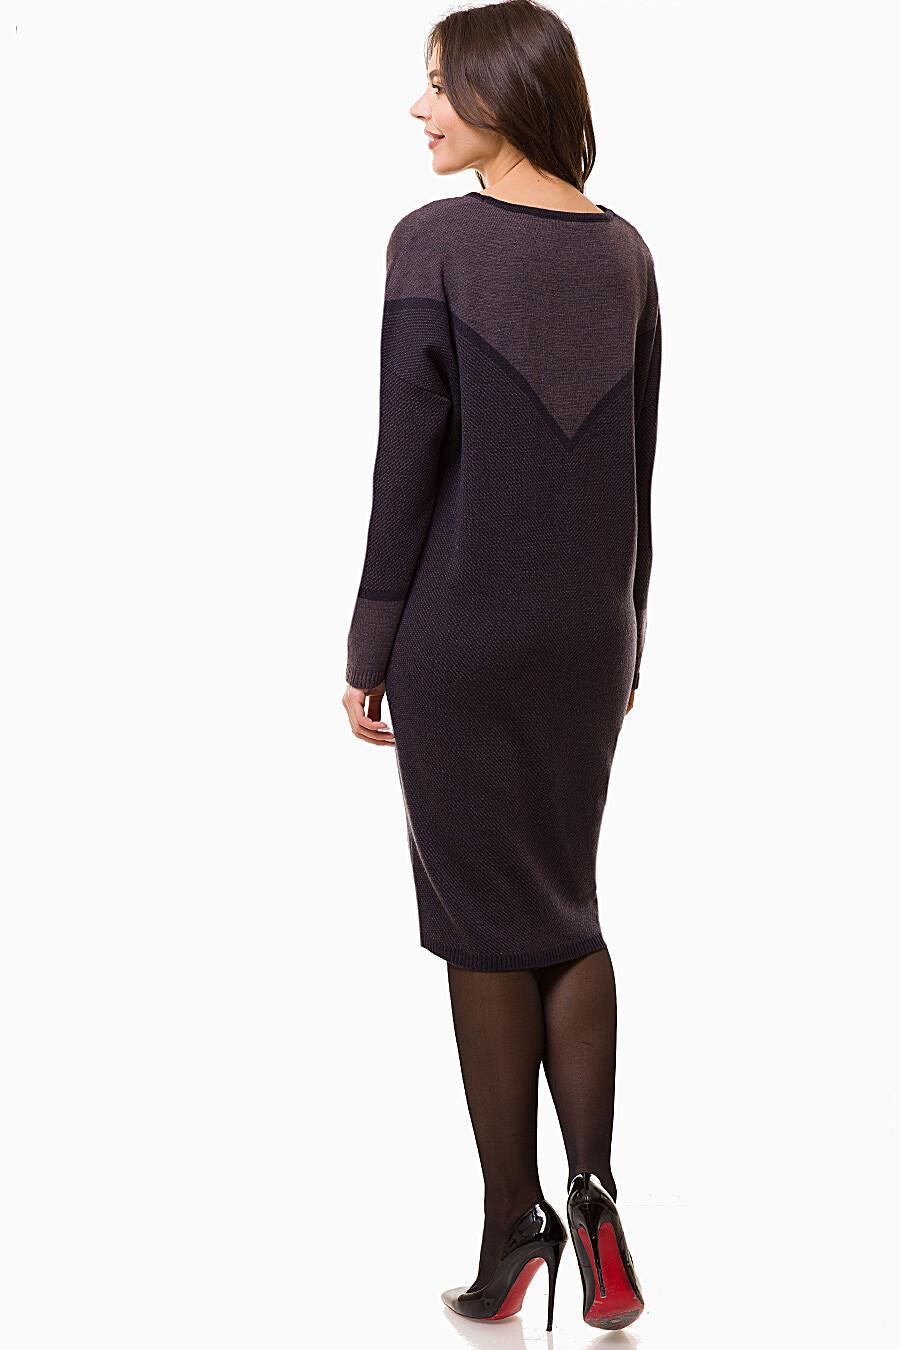 Платье VAY (109545), купить в Moyo.moda